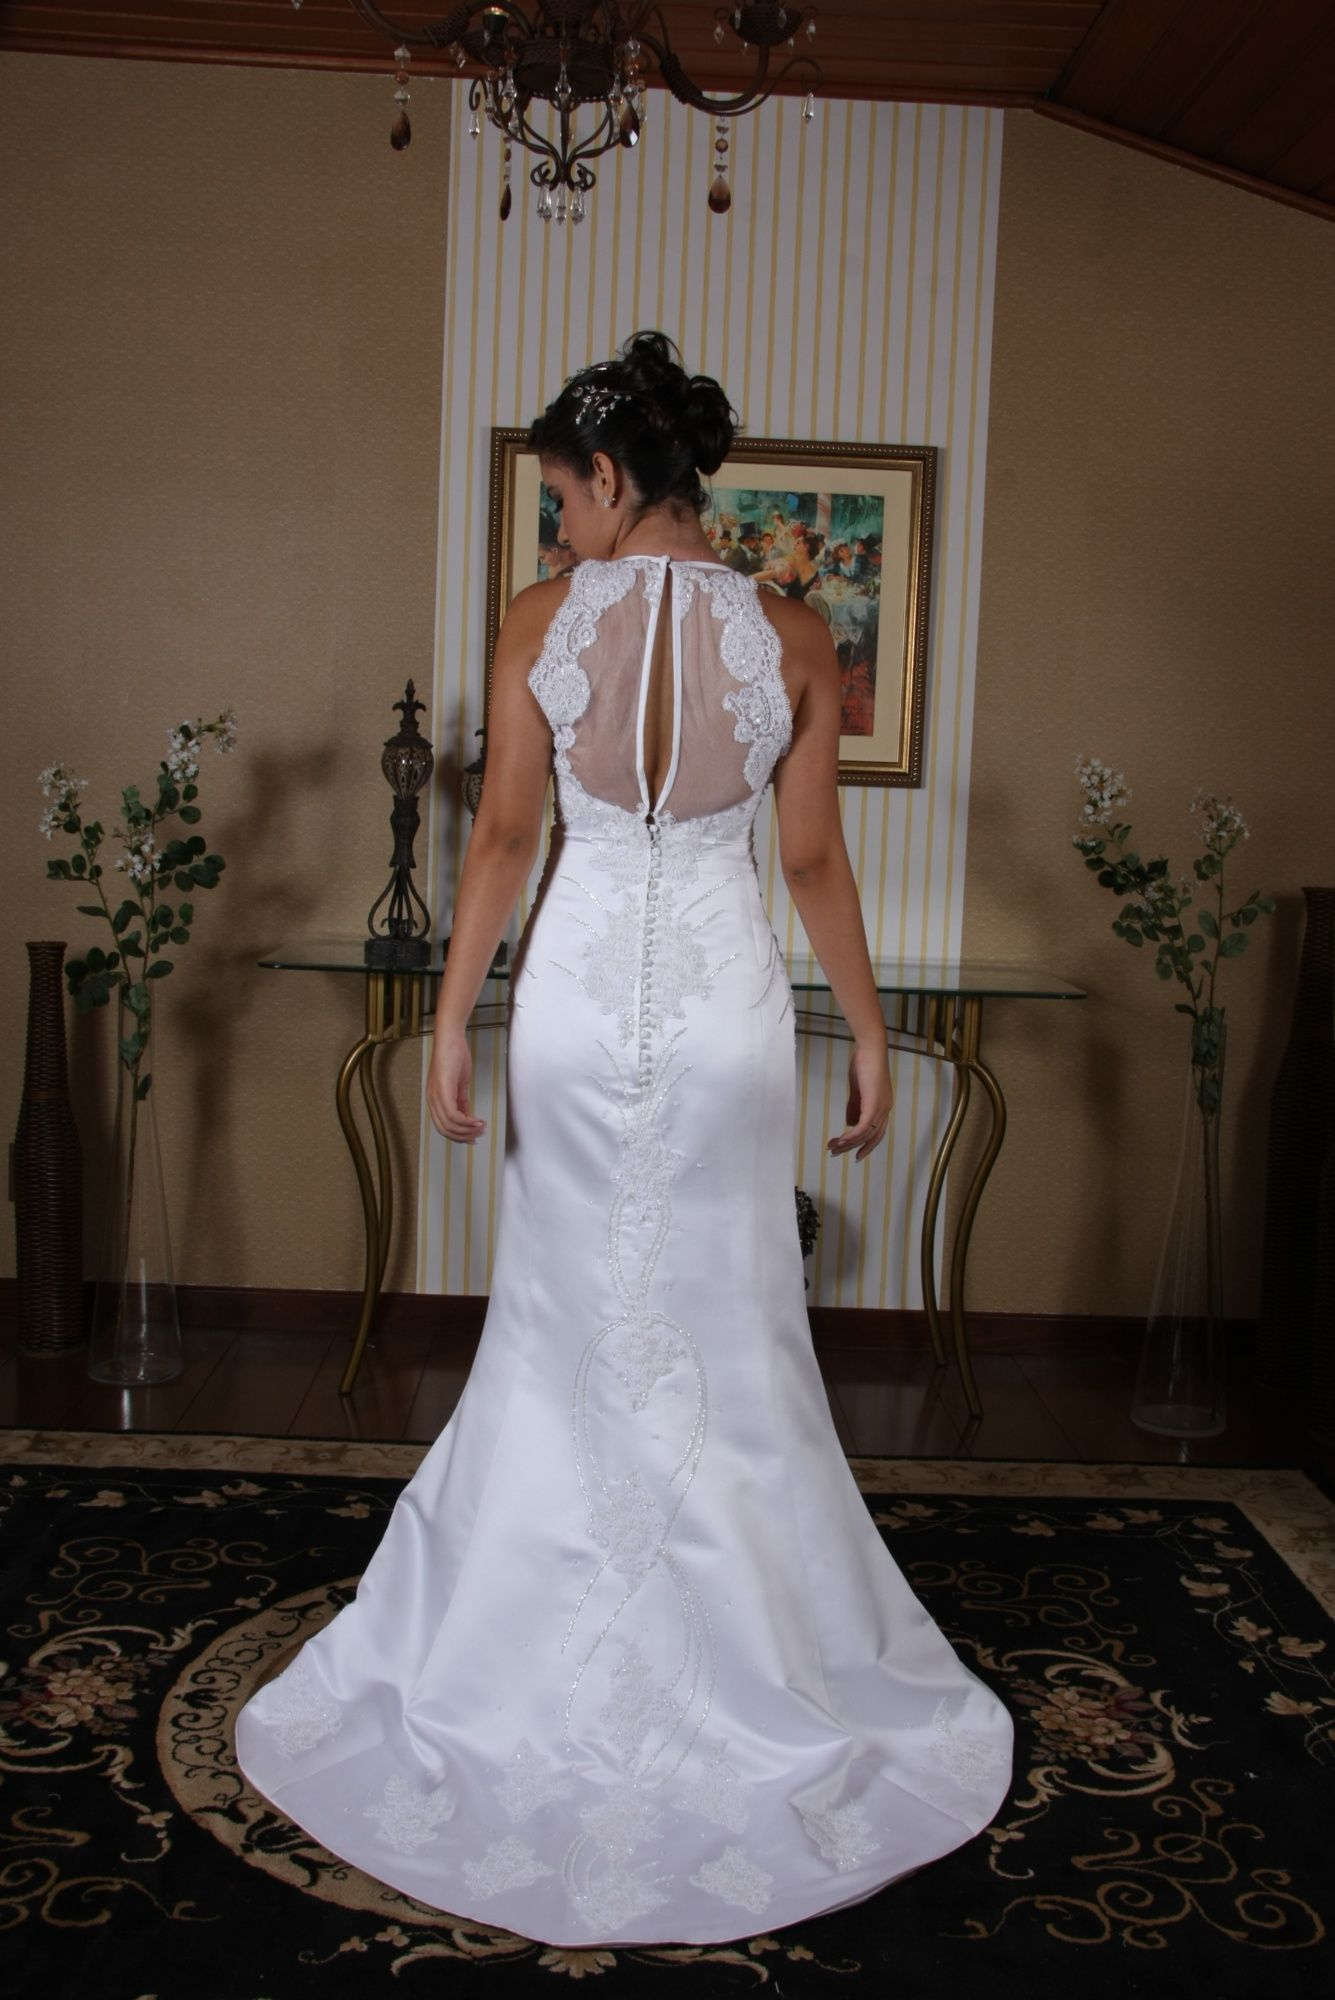 Vestido de Noiva Sereia - 6 - Hipnose Alta Costura e Spa para Noivas e Noivos - Campinas - SP Vestido de Noiva, Vestido de Noiva Sereia, Hipnose Alta Costura